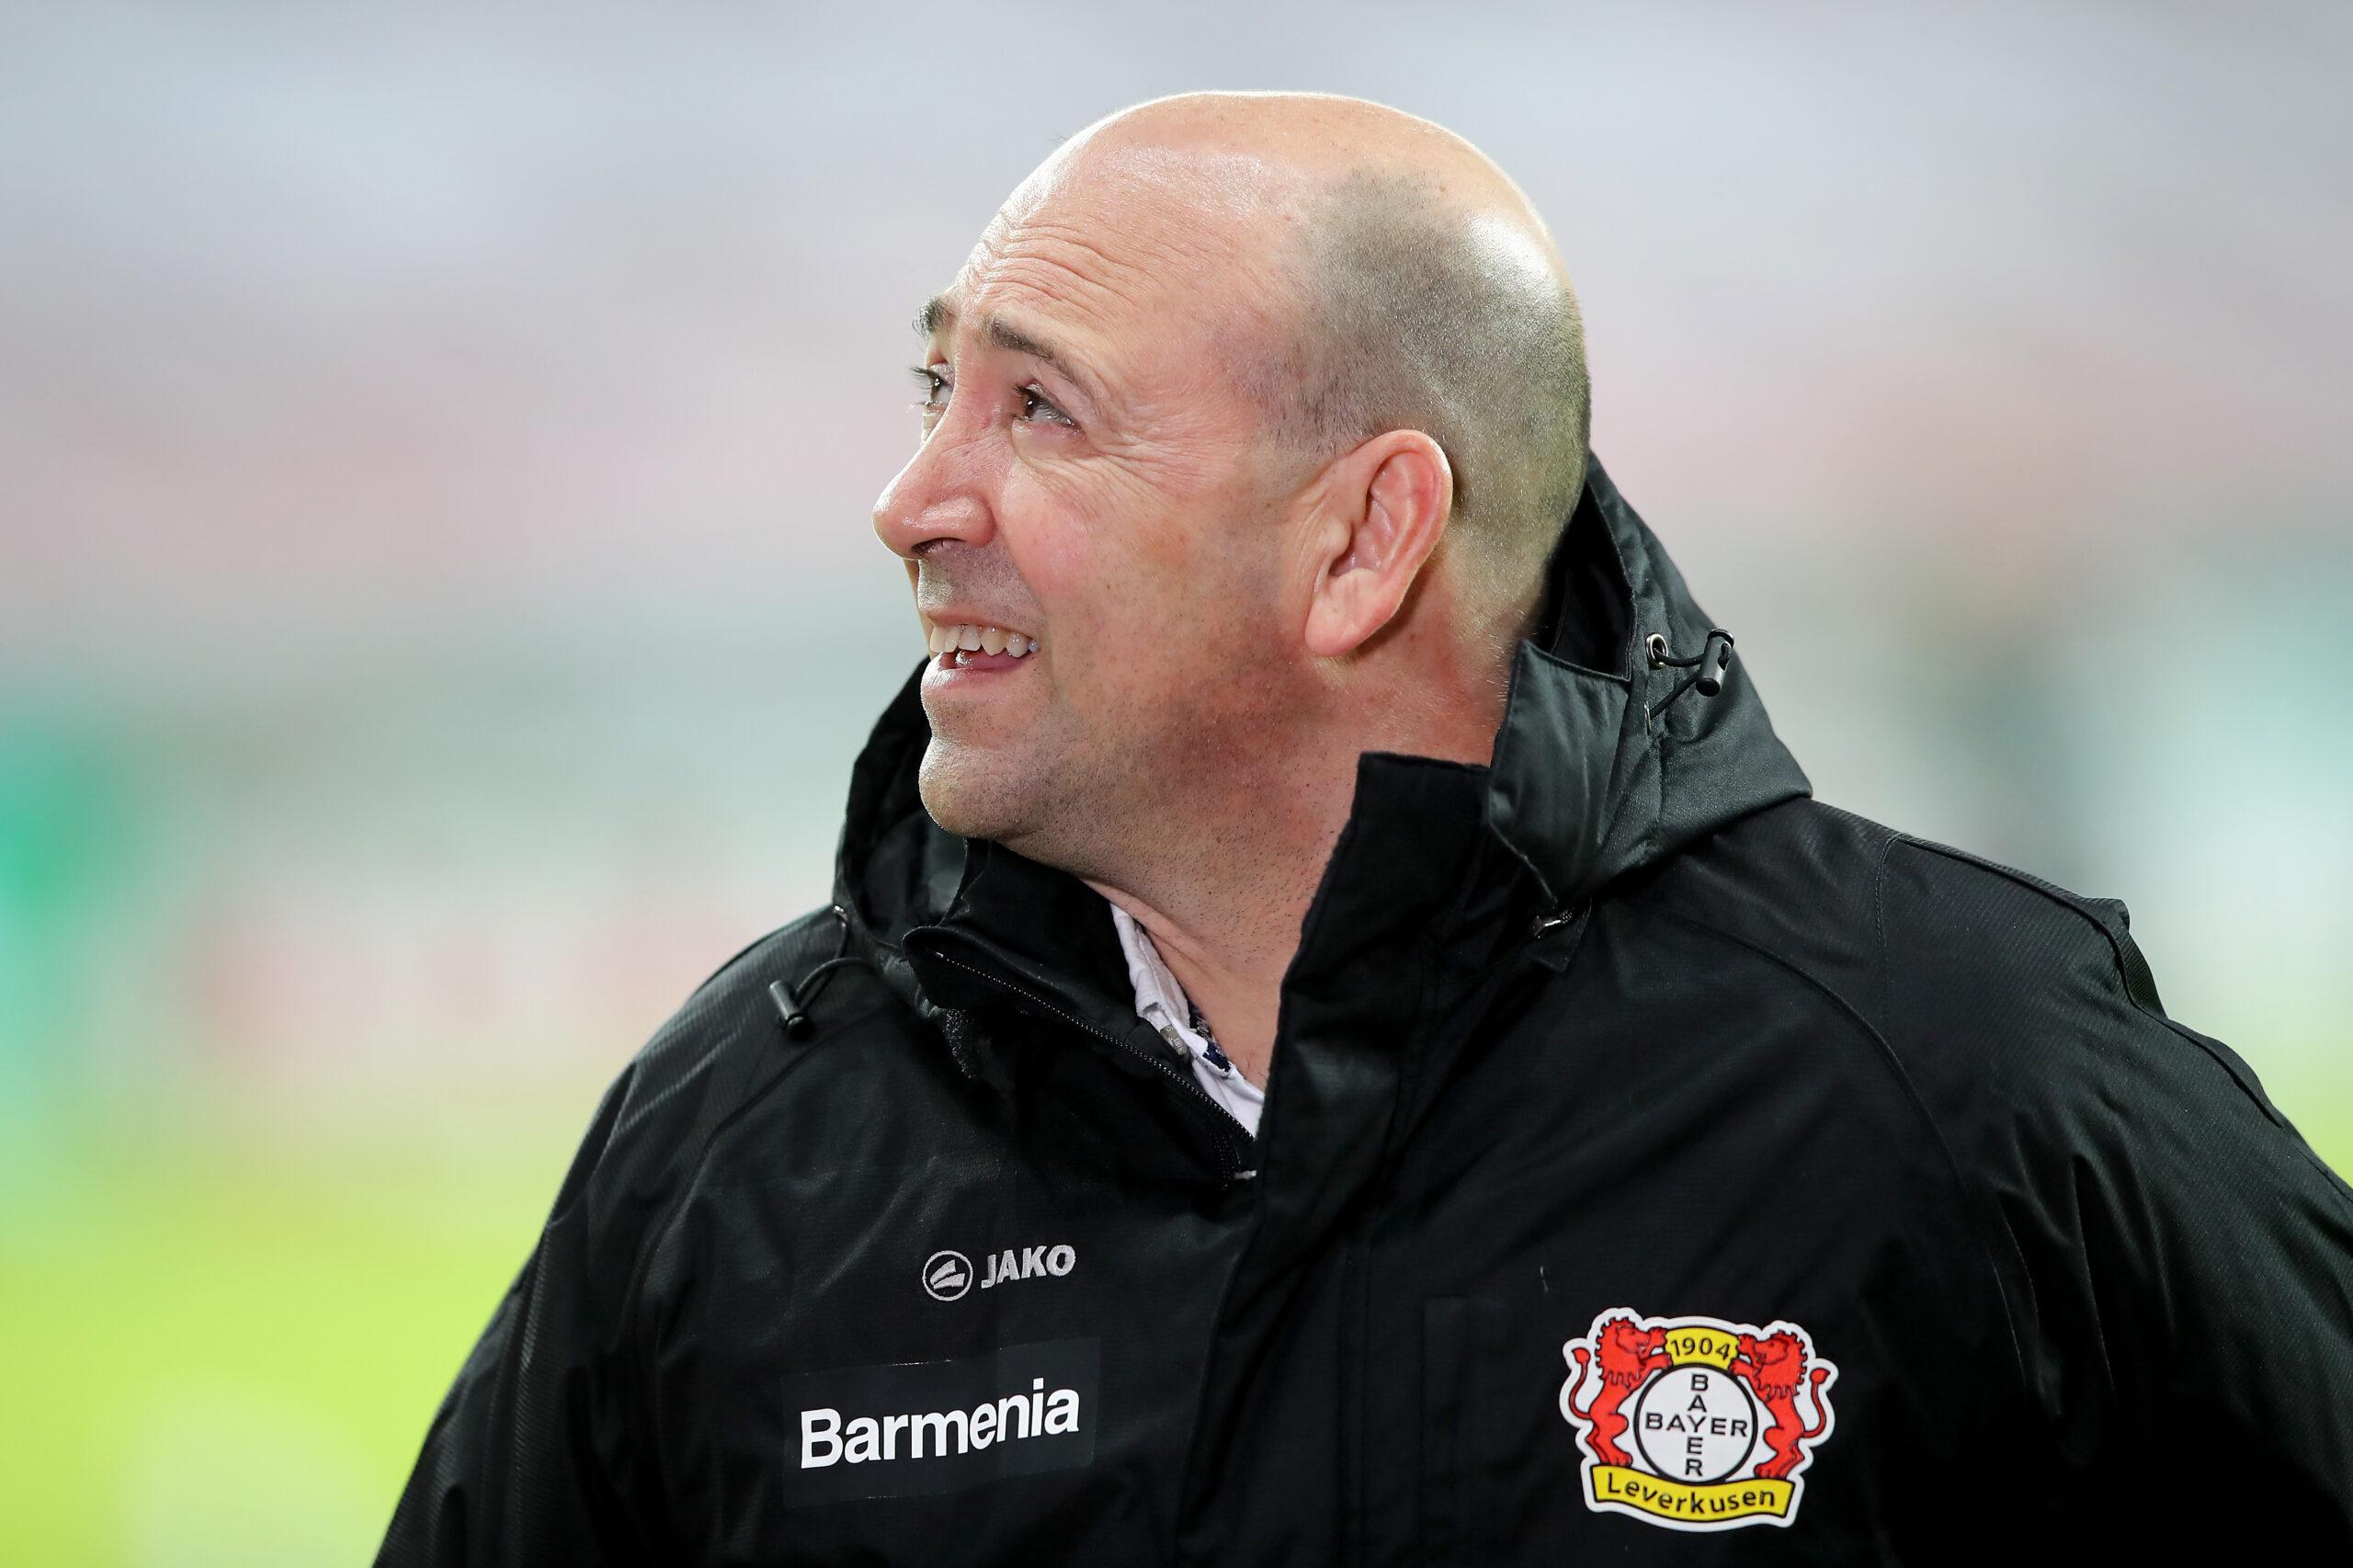 El mandamás del Bayer Leverkusen ve complicado que la Bundesliga reduzca la brecha con la Premier League. Foto: Getty Images